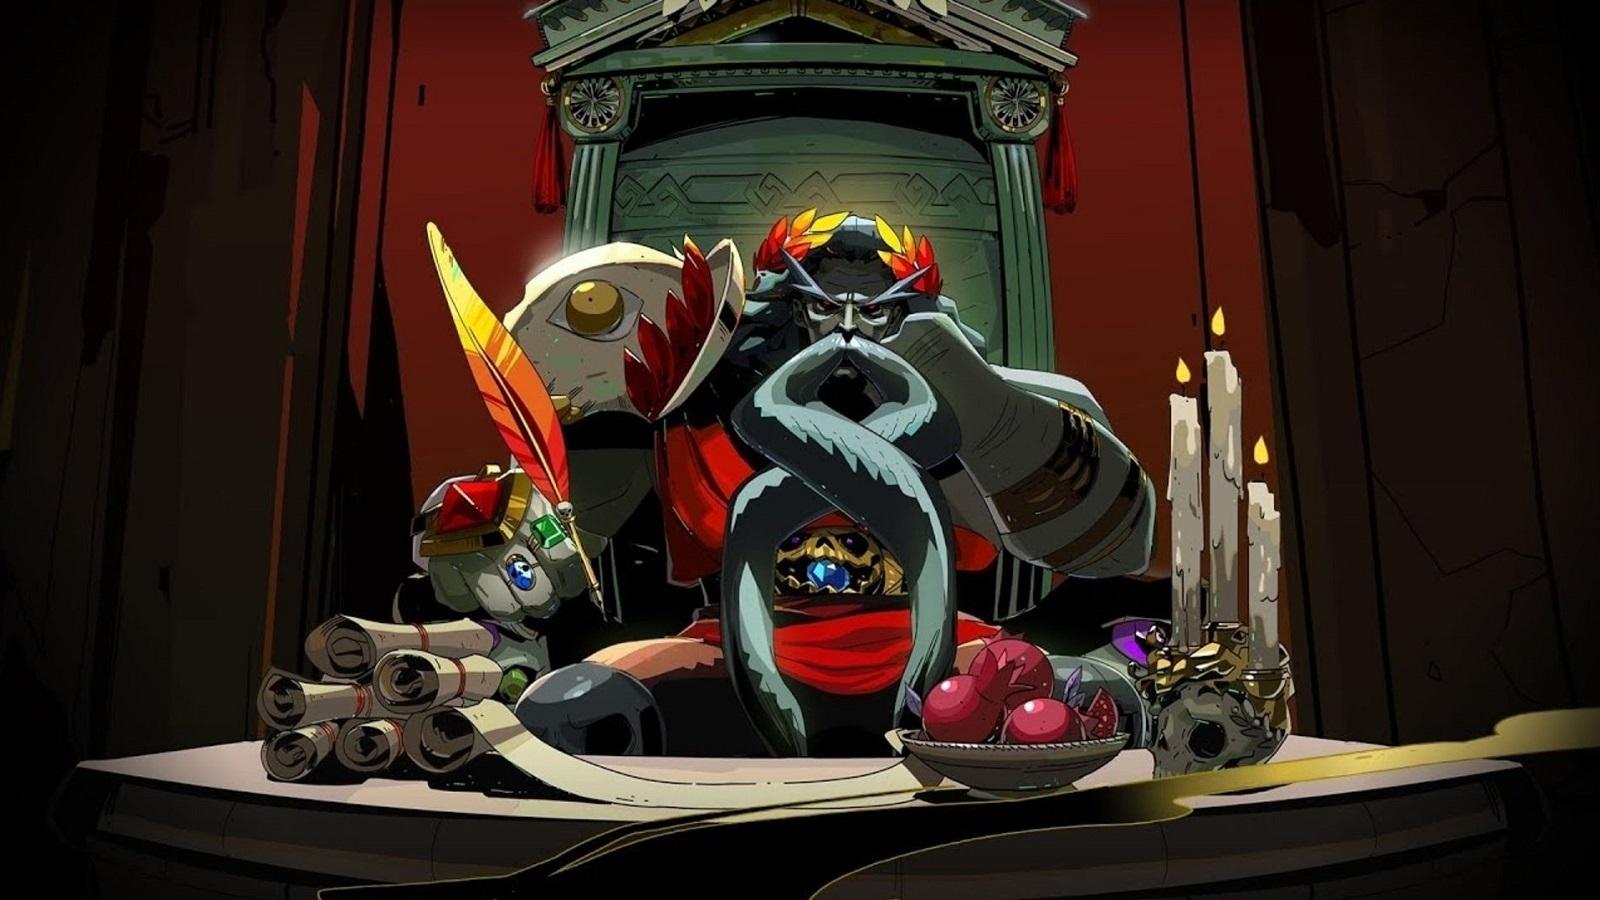 Британские чарты: Animal Crossing вернула лидерство, а розничная Switch-версия Hades дебютировала в топ-10